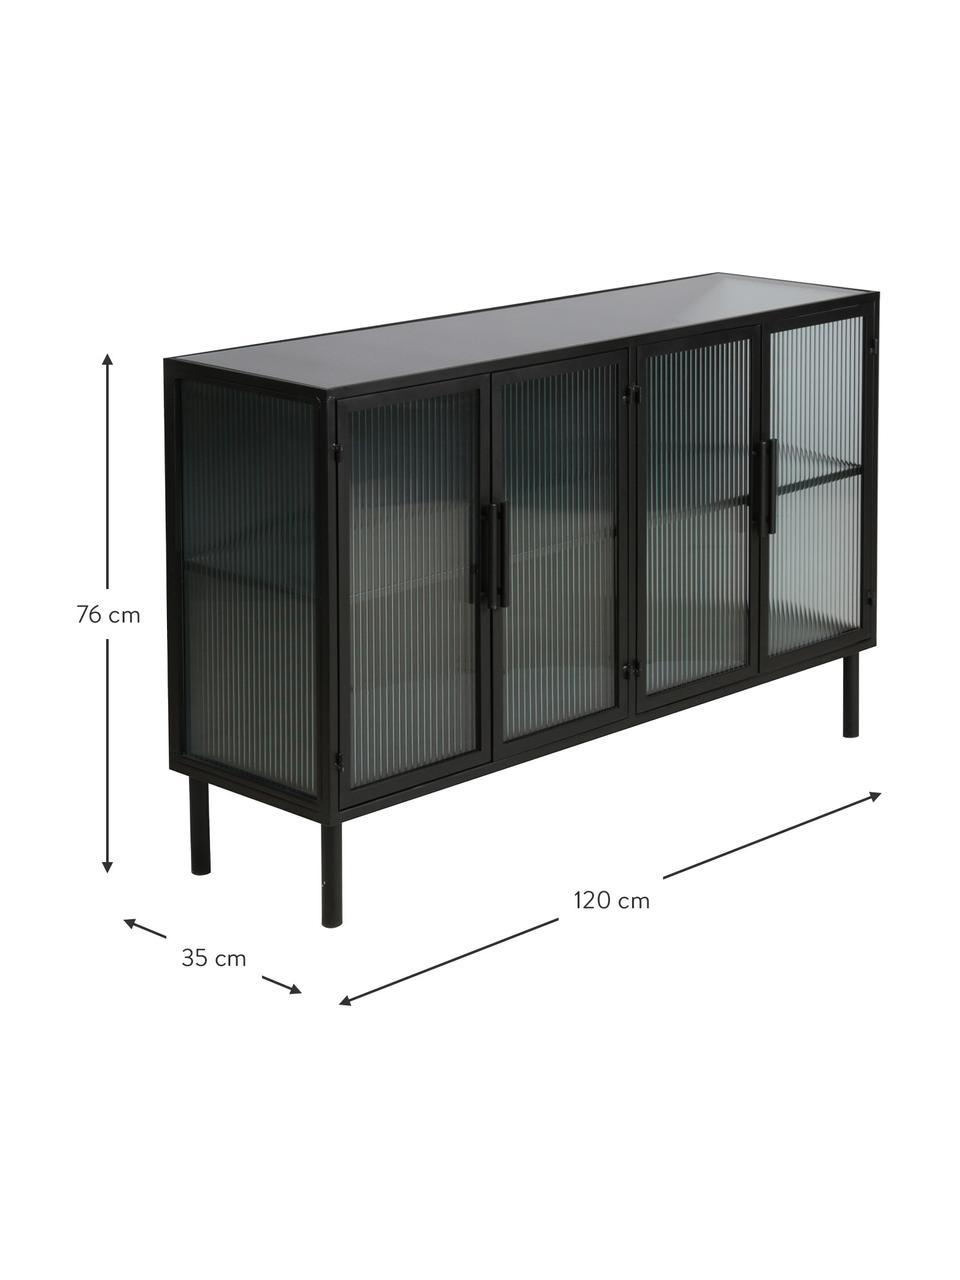 Credenza in metallo con vetro scanalato Markus, Struttura: metallo rivestito, Nero, trasparente, Larg. 120 x Alt. 76 cm